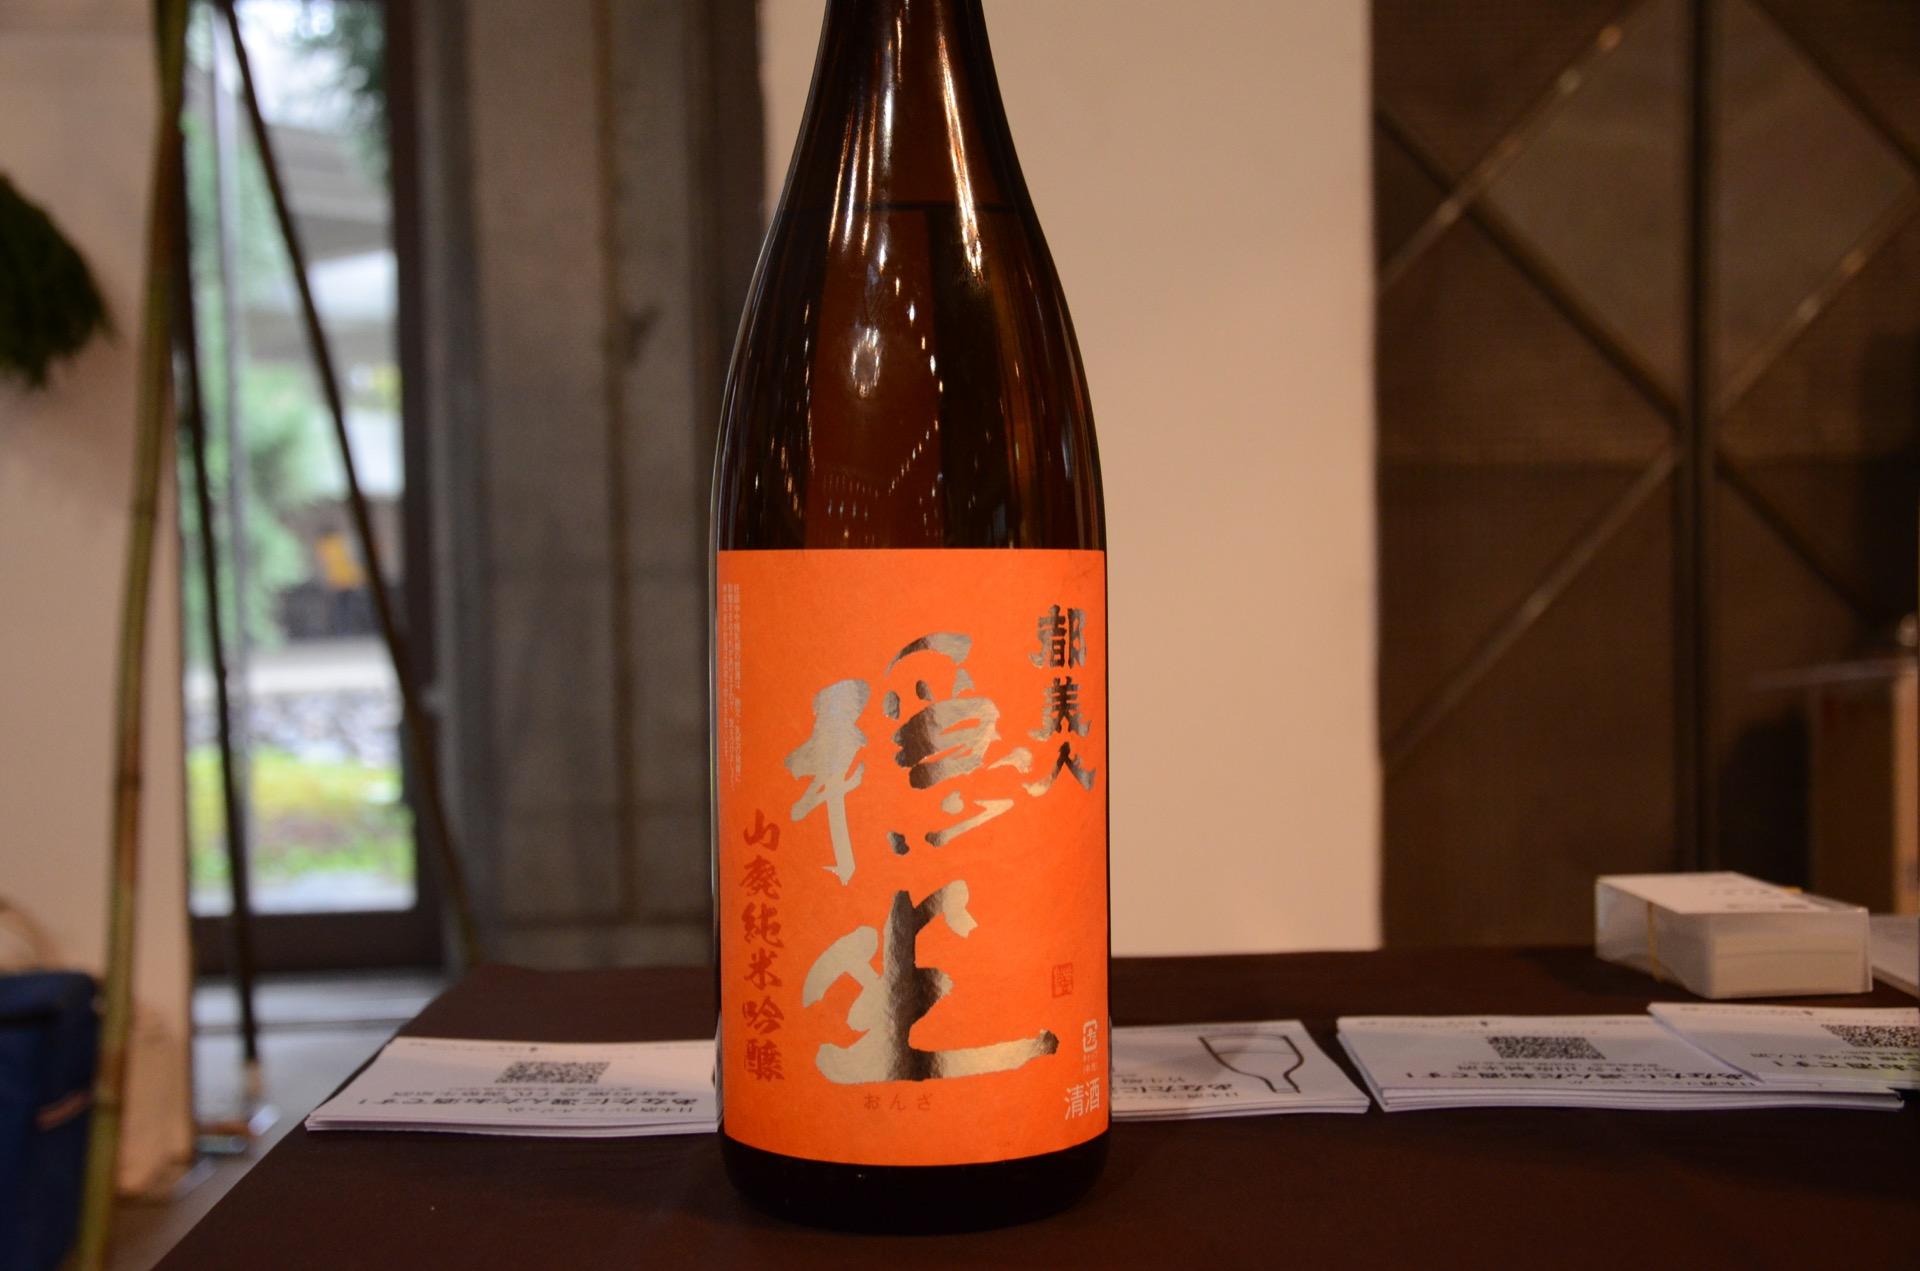 都美人 山廃純米吟醸 穏坐 火入れ原酒|日本酒テイスティングノート